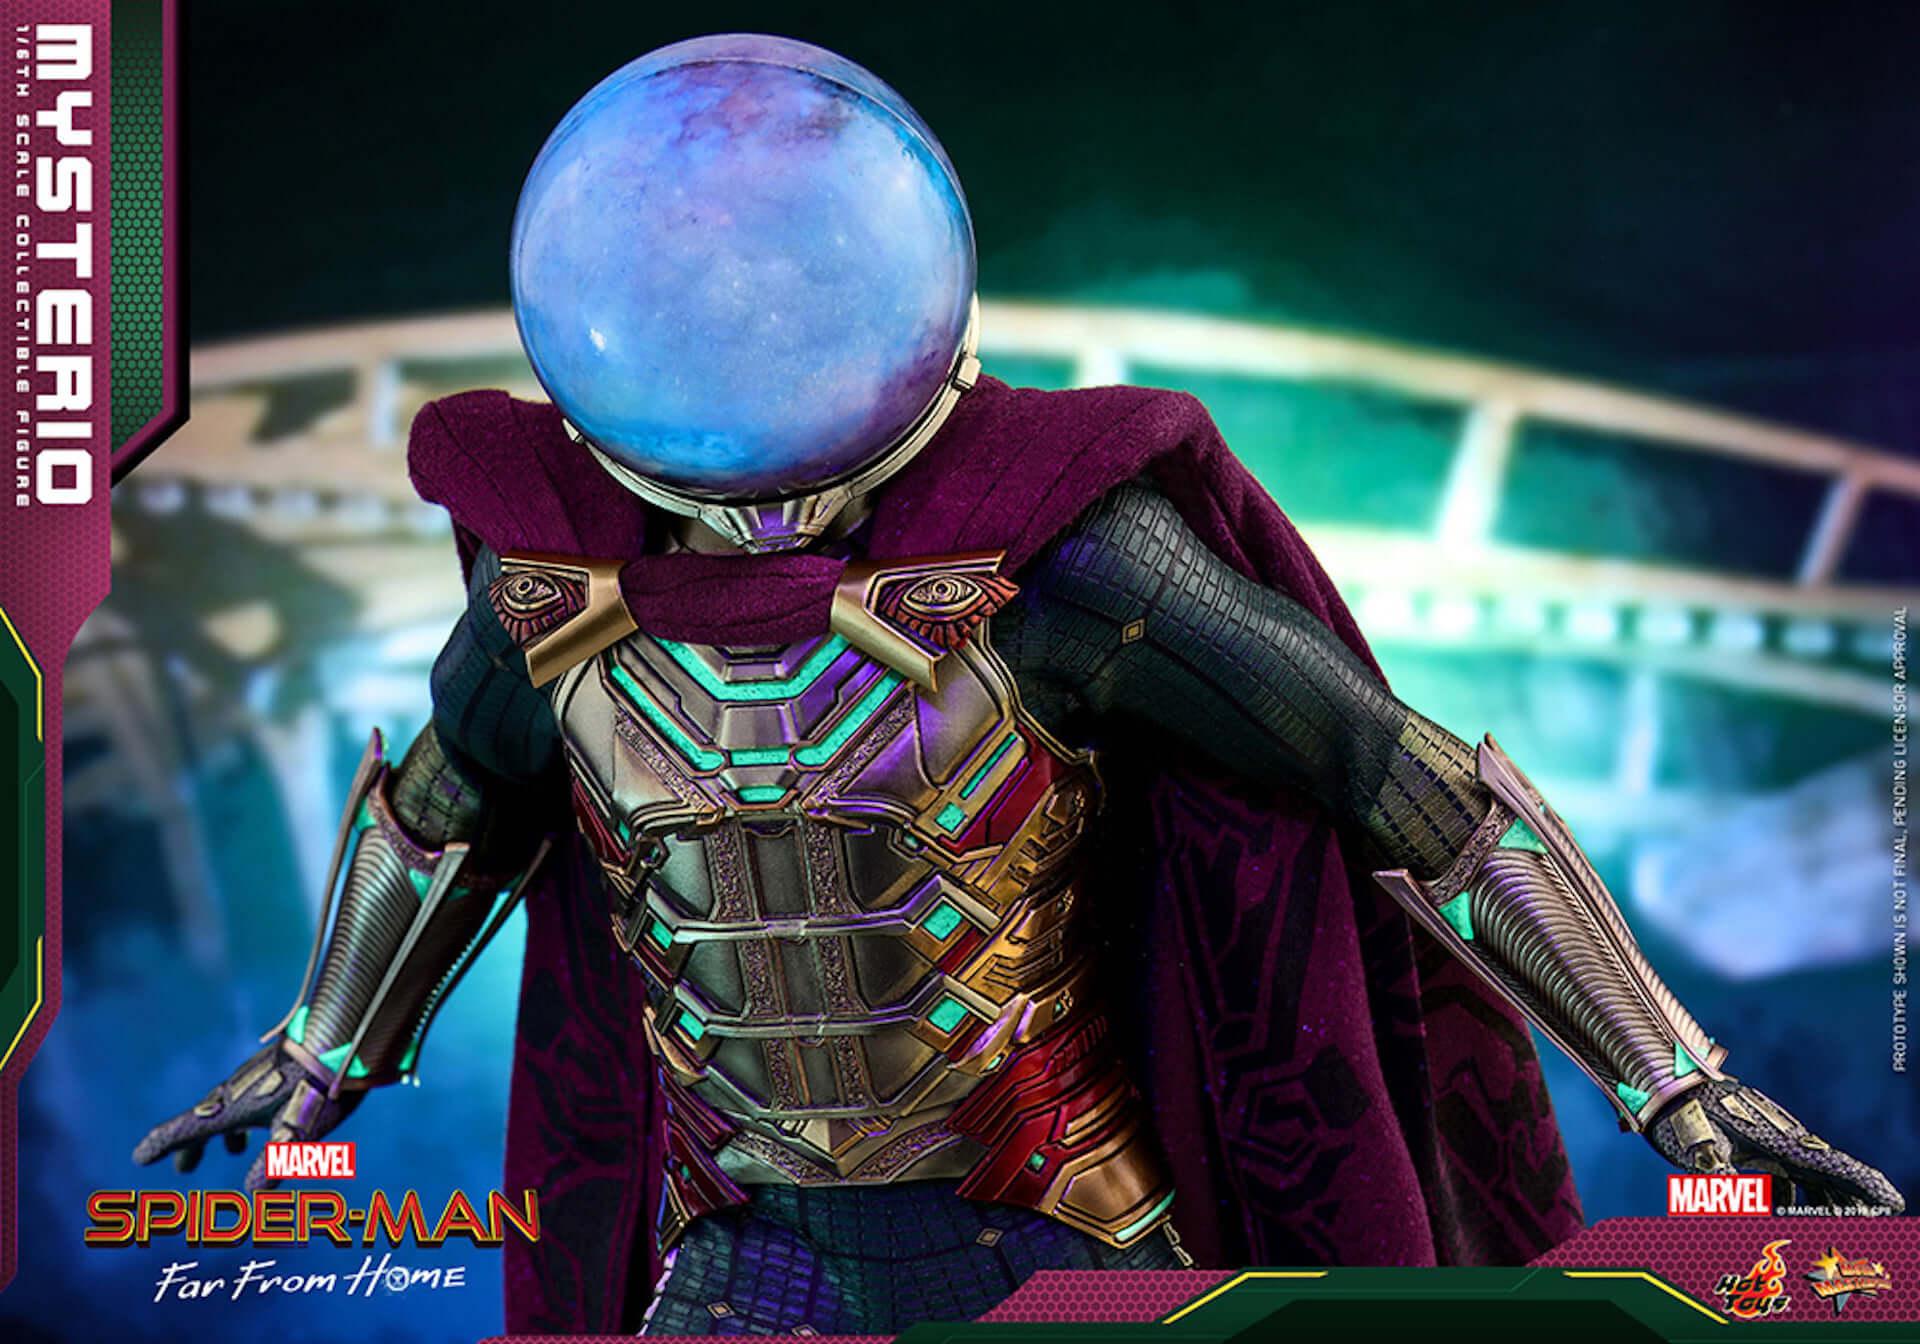 『スパイダーマン:ファー・フロム・ホーム』のミステリオが超リアルなフィギュアとして登場! art190911_sffh_mysterio_hottoys_5-1920x1344